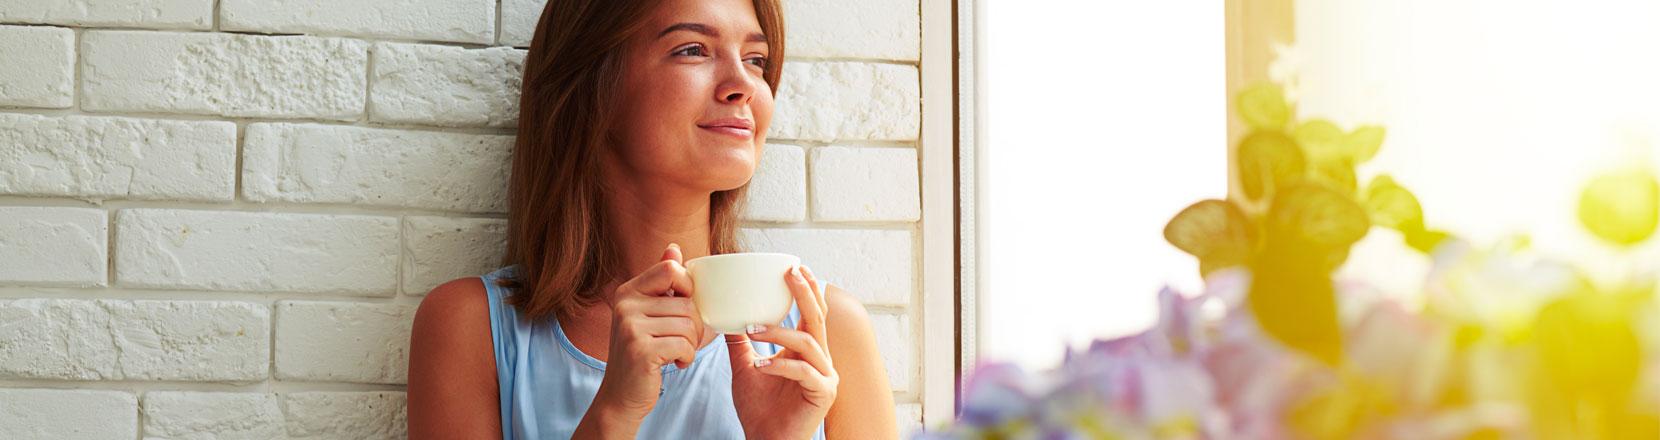 Donna che sorride al mattino mentre fa colazione